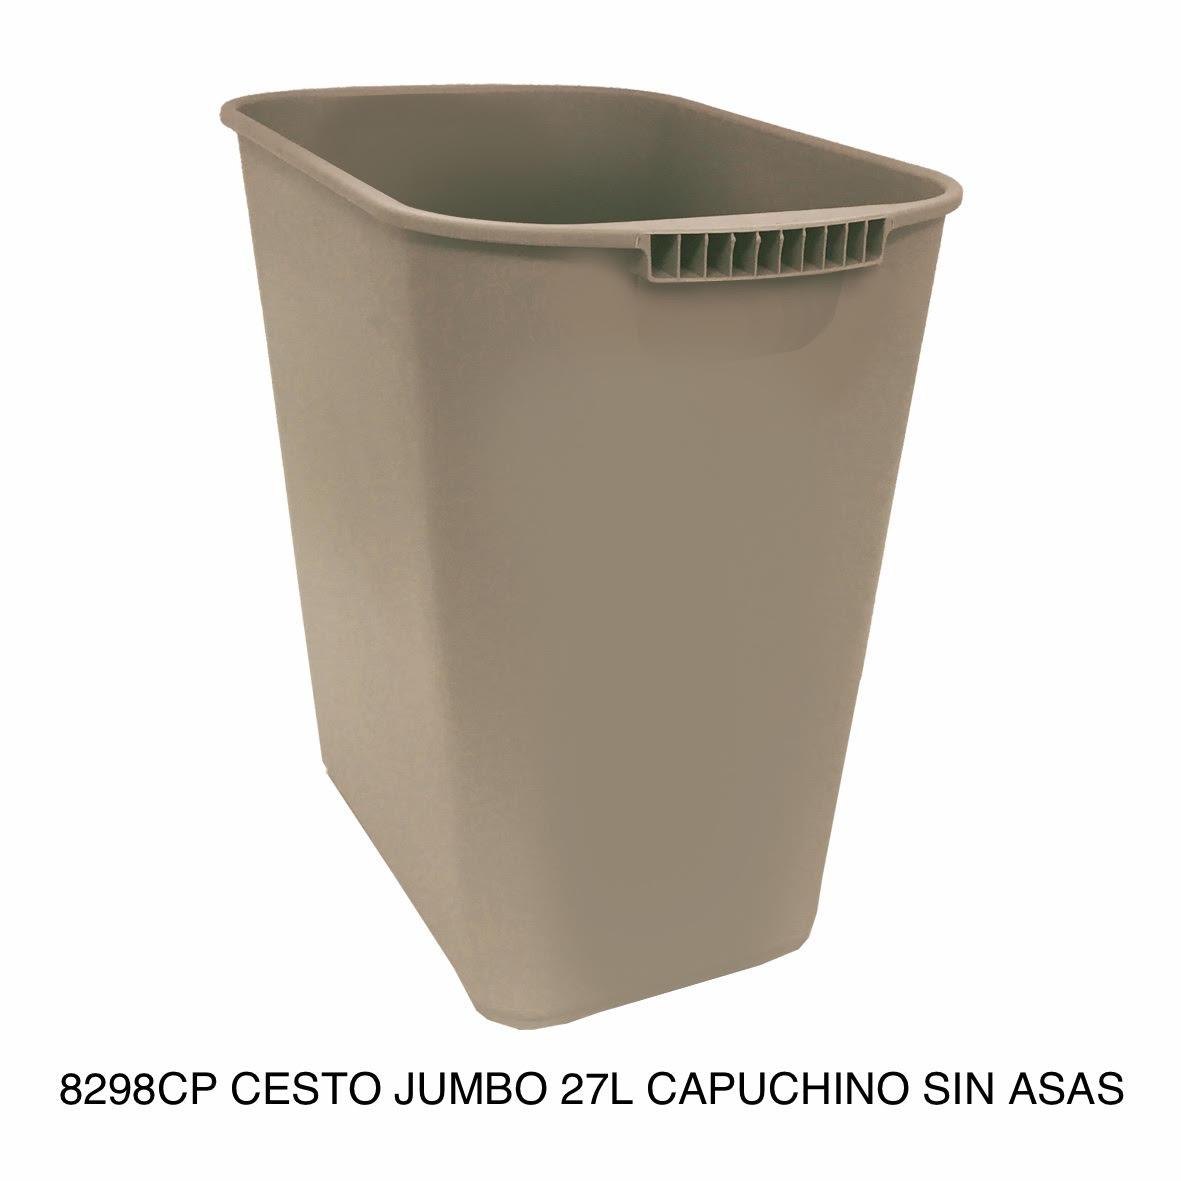 Bote de basura jumbo modelo 8298CP color capuchino sin asas de Sablón